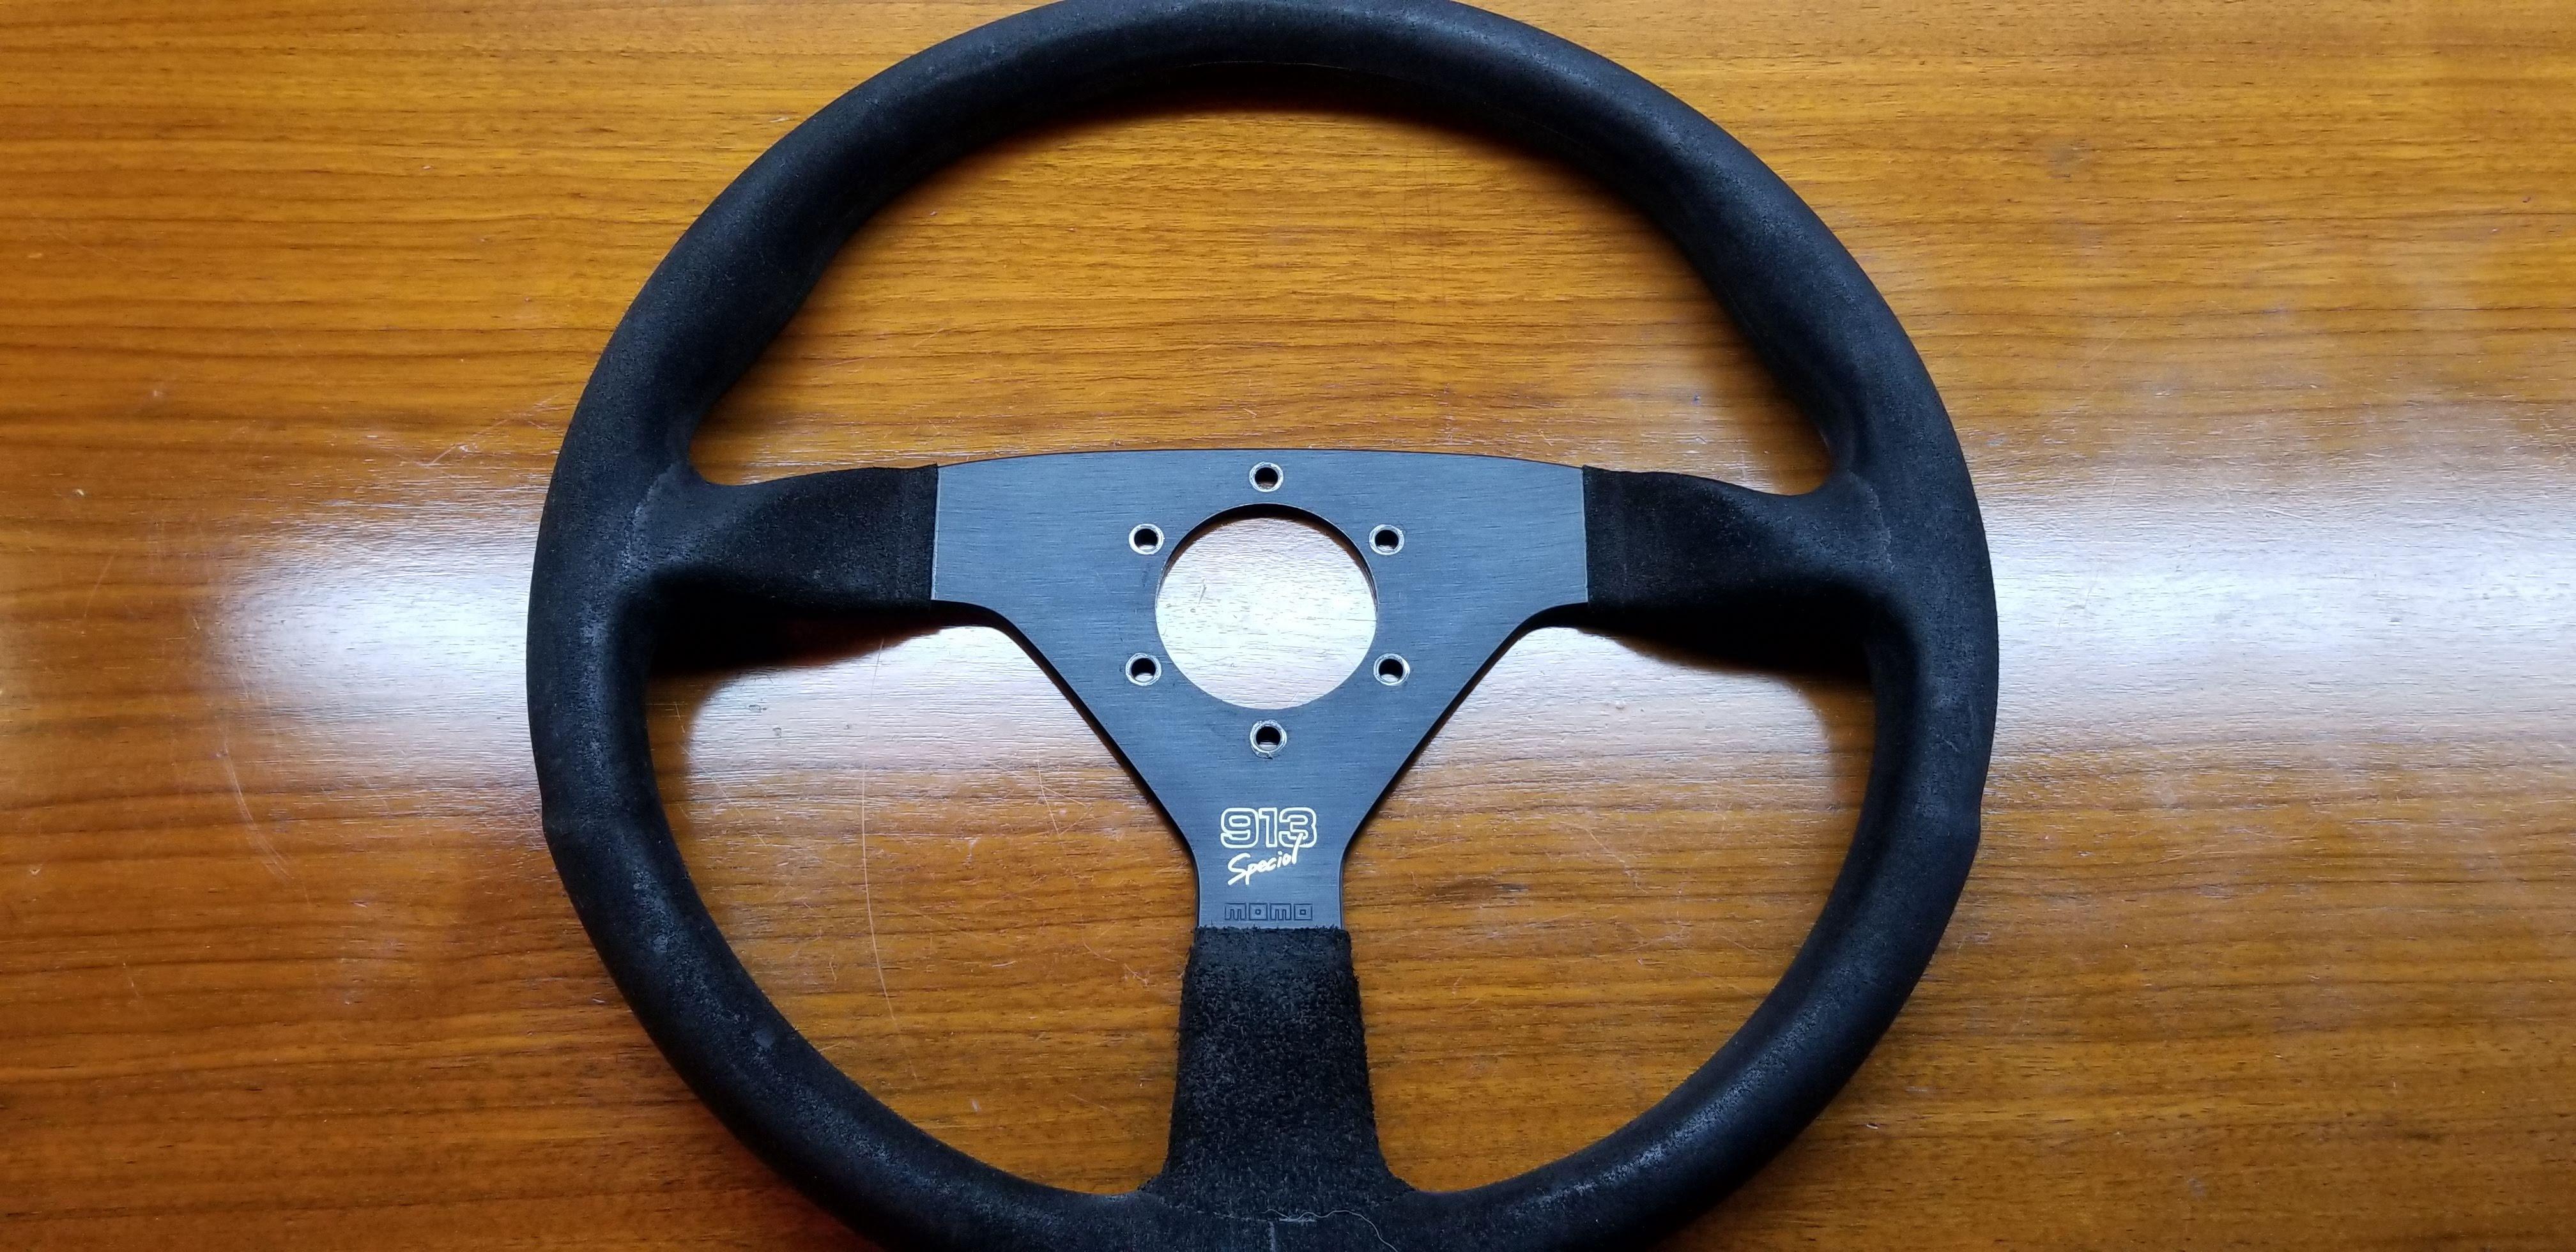 Impul 913 steering wheel